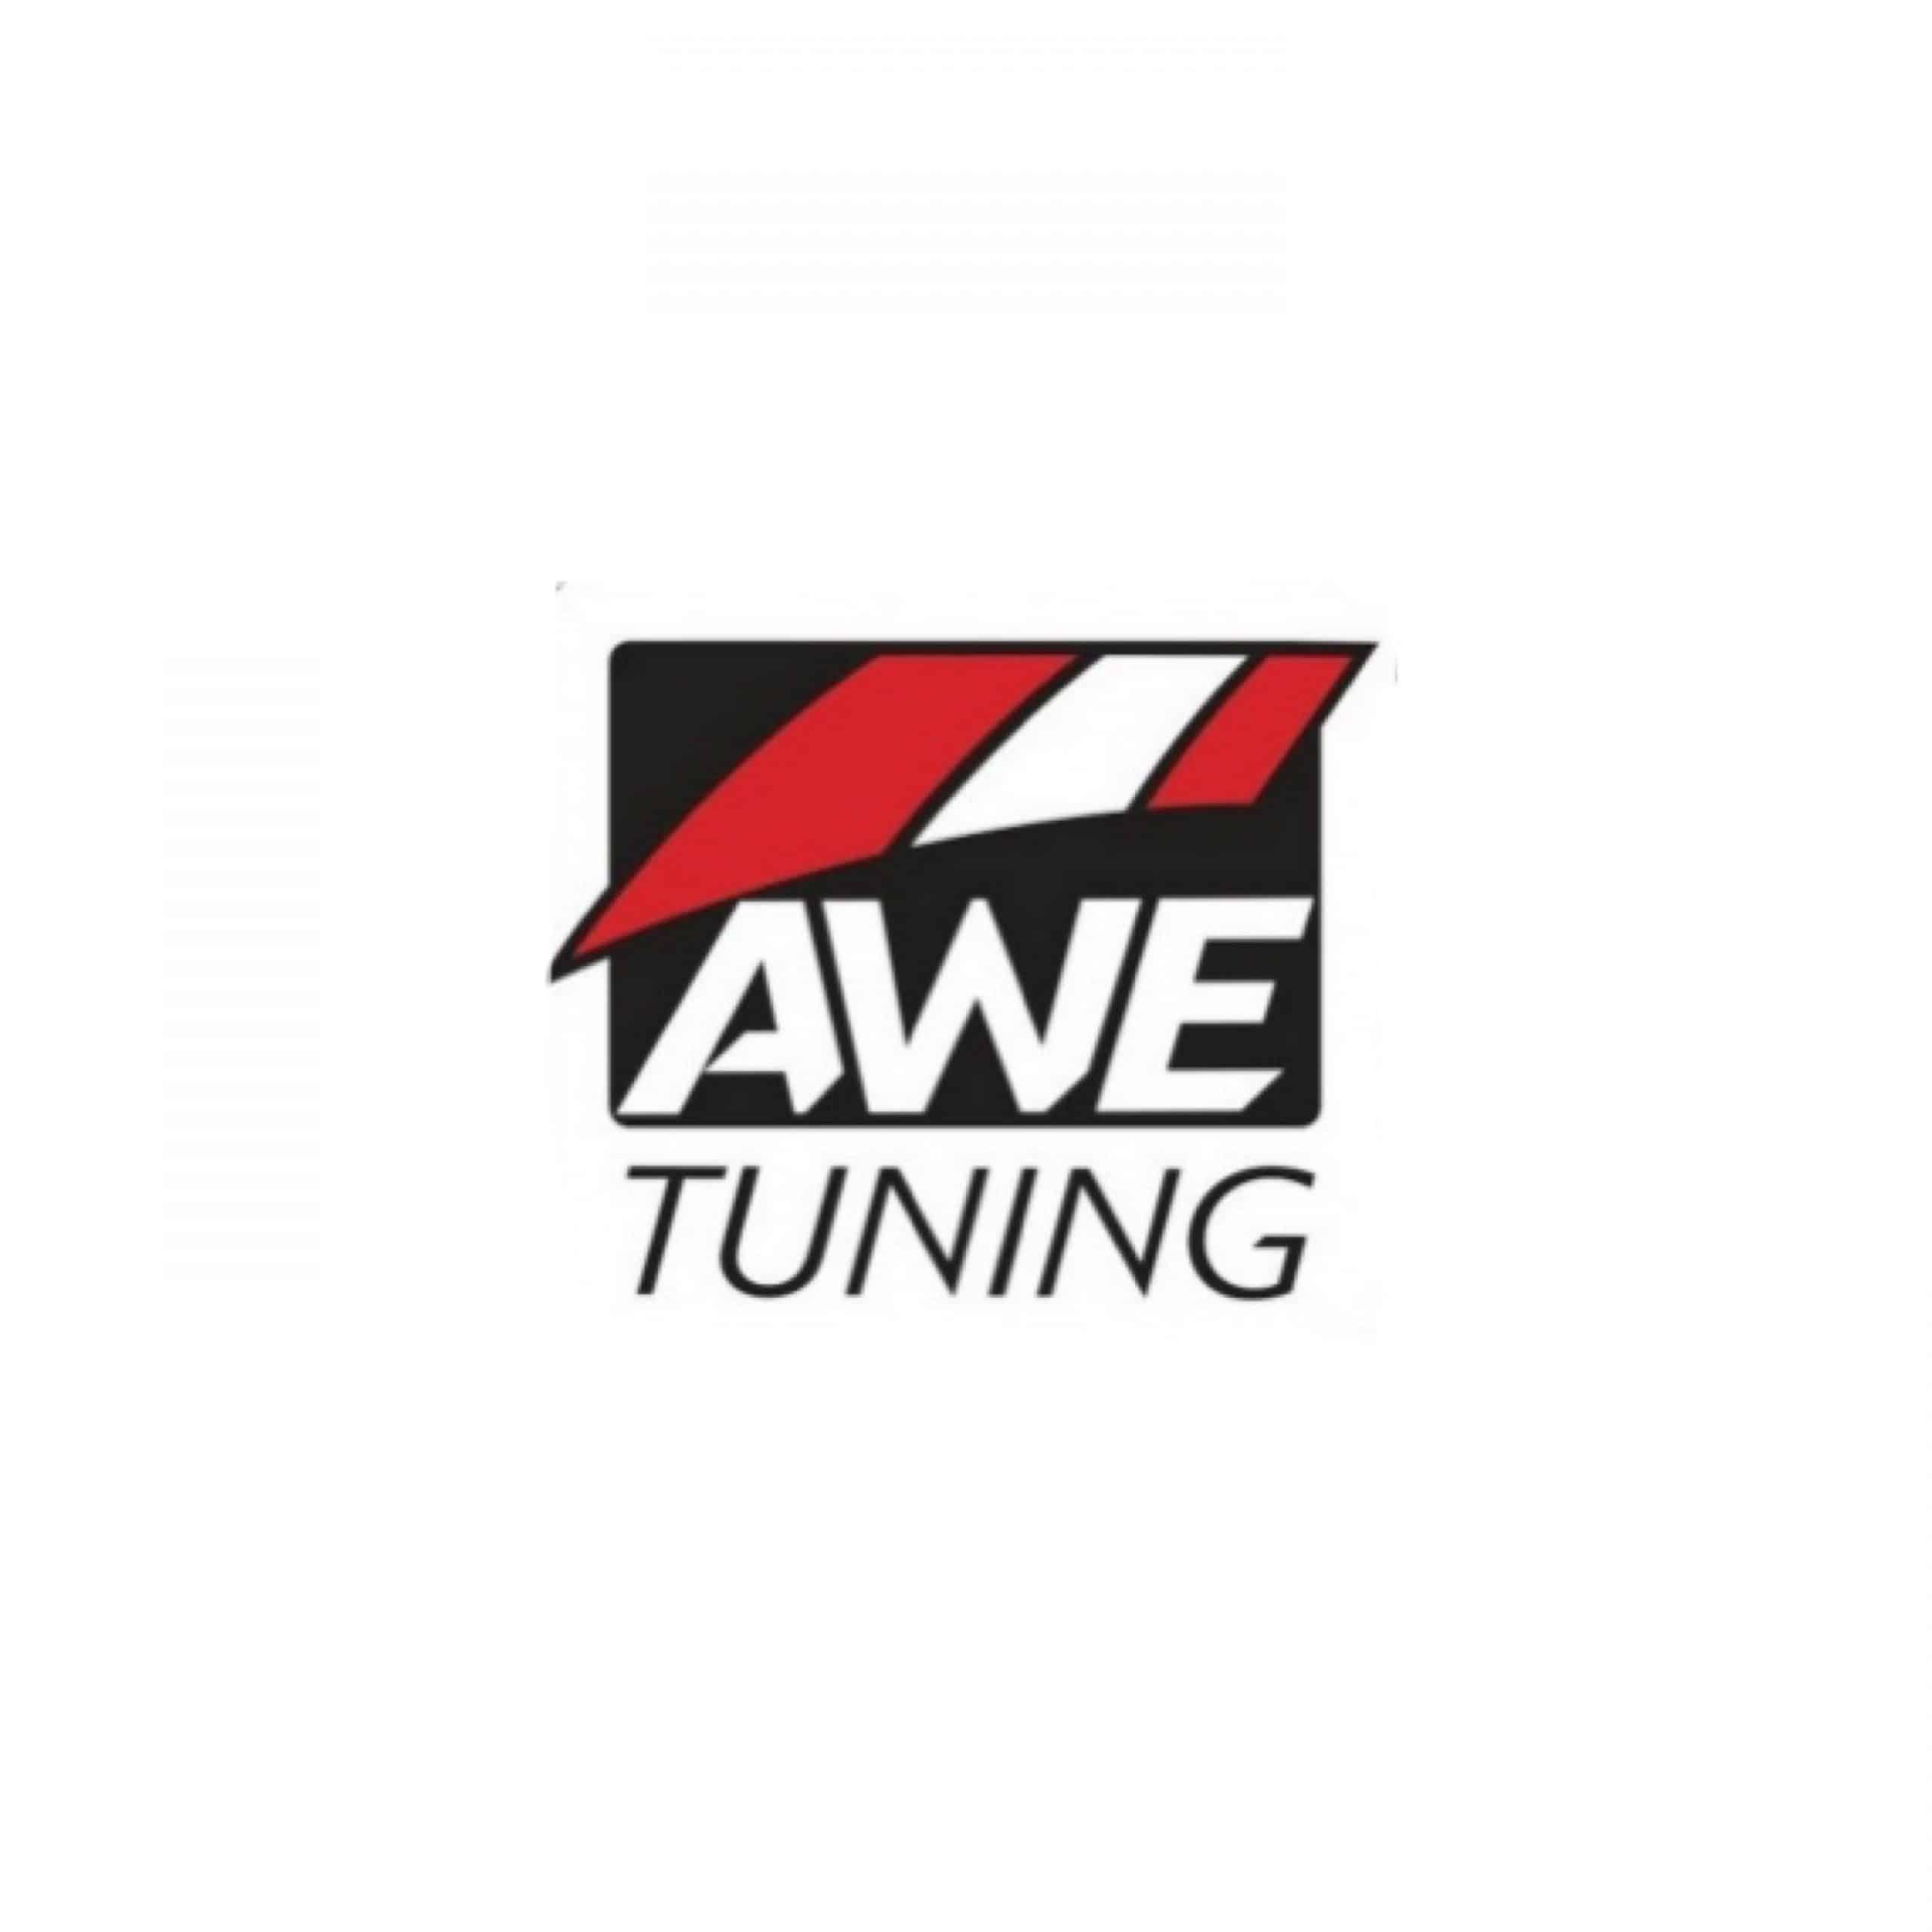 AWE tuning